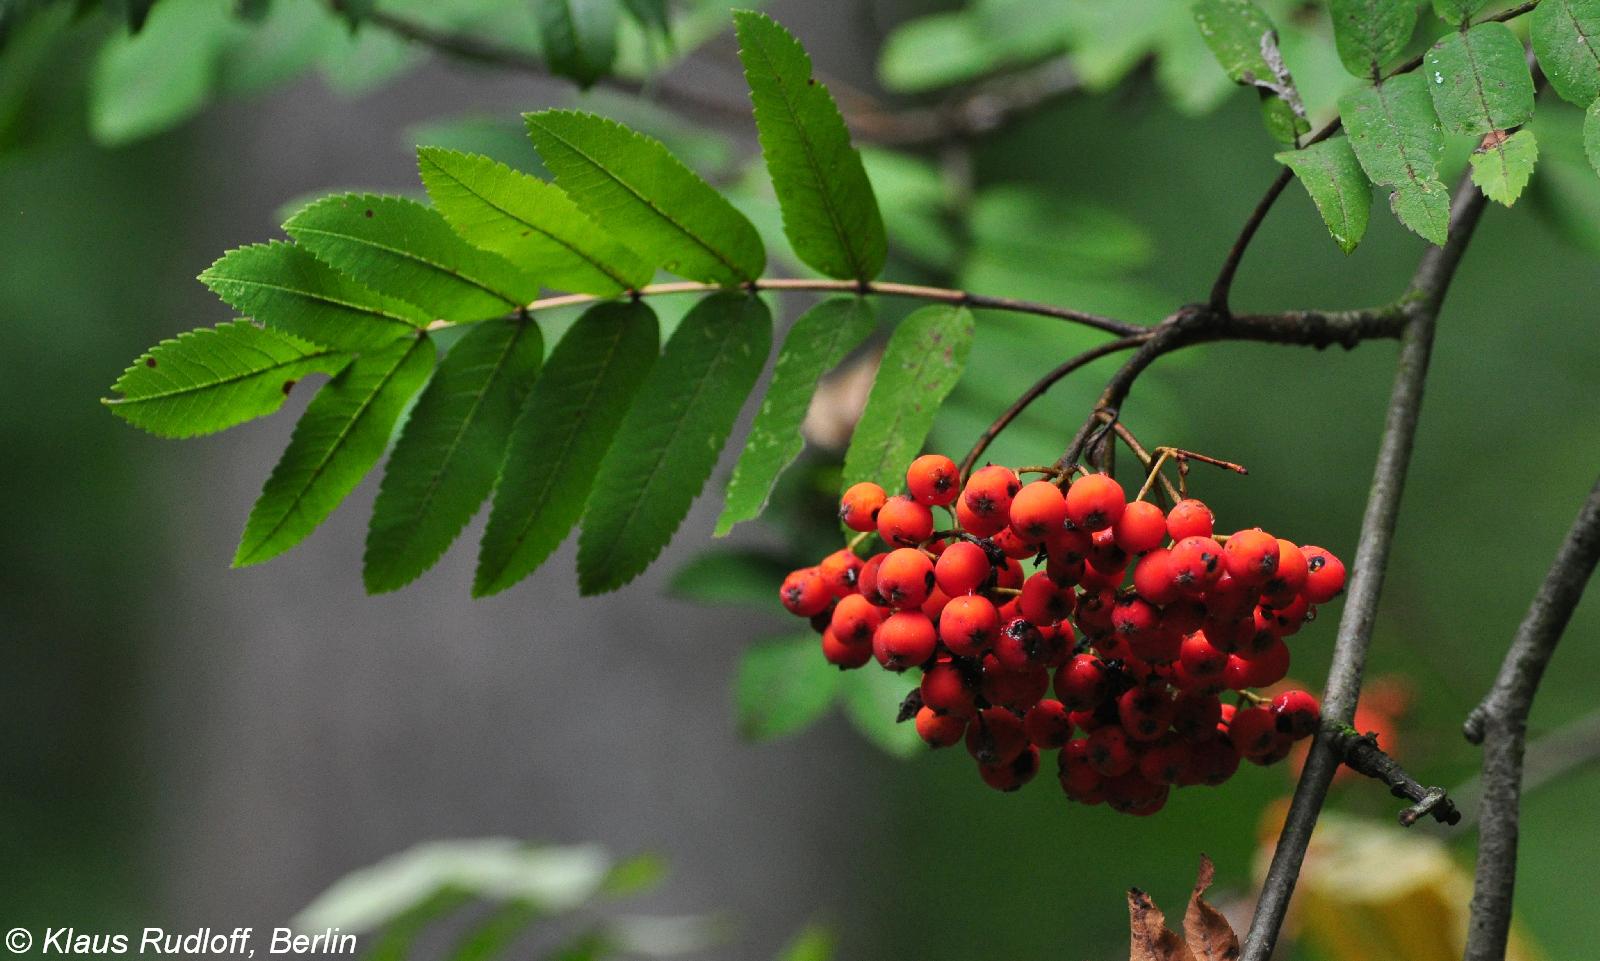 селигер картинка дерева рябины и ее плодов для